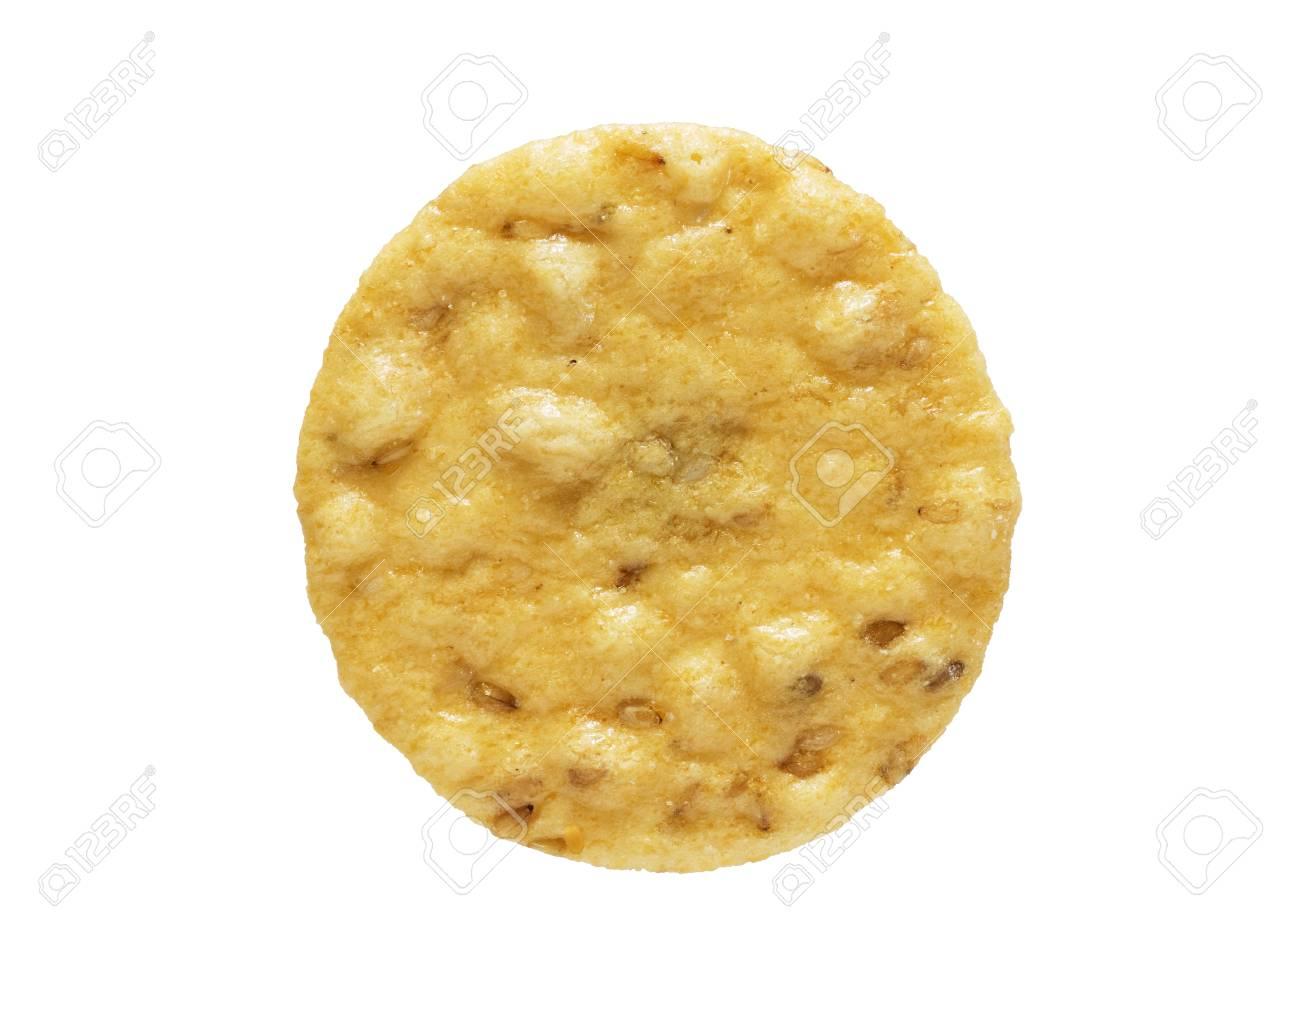 close up image of sesame cracker isolated on white background Stock Photo - 24317100